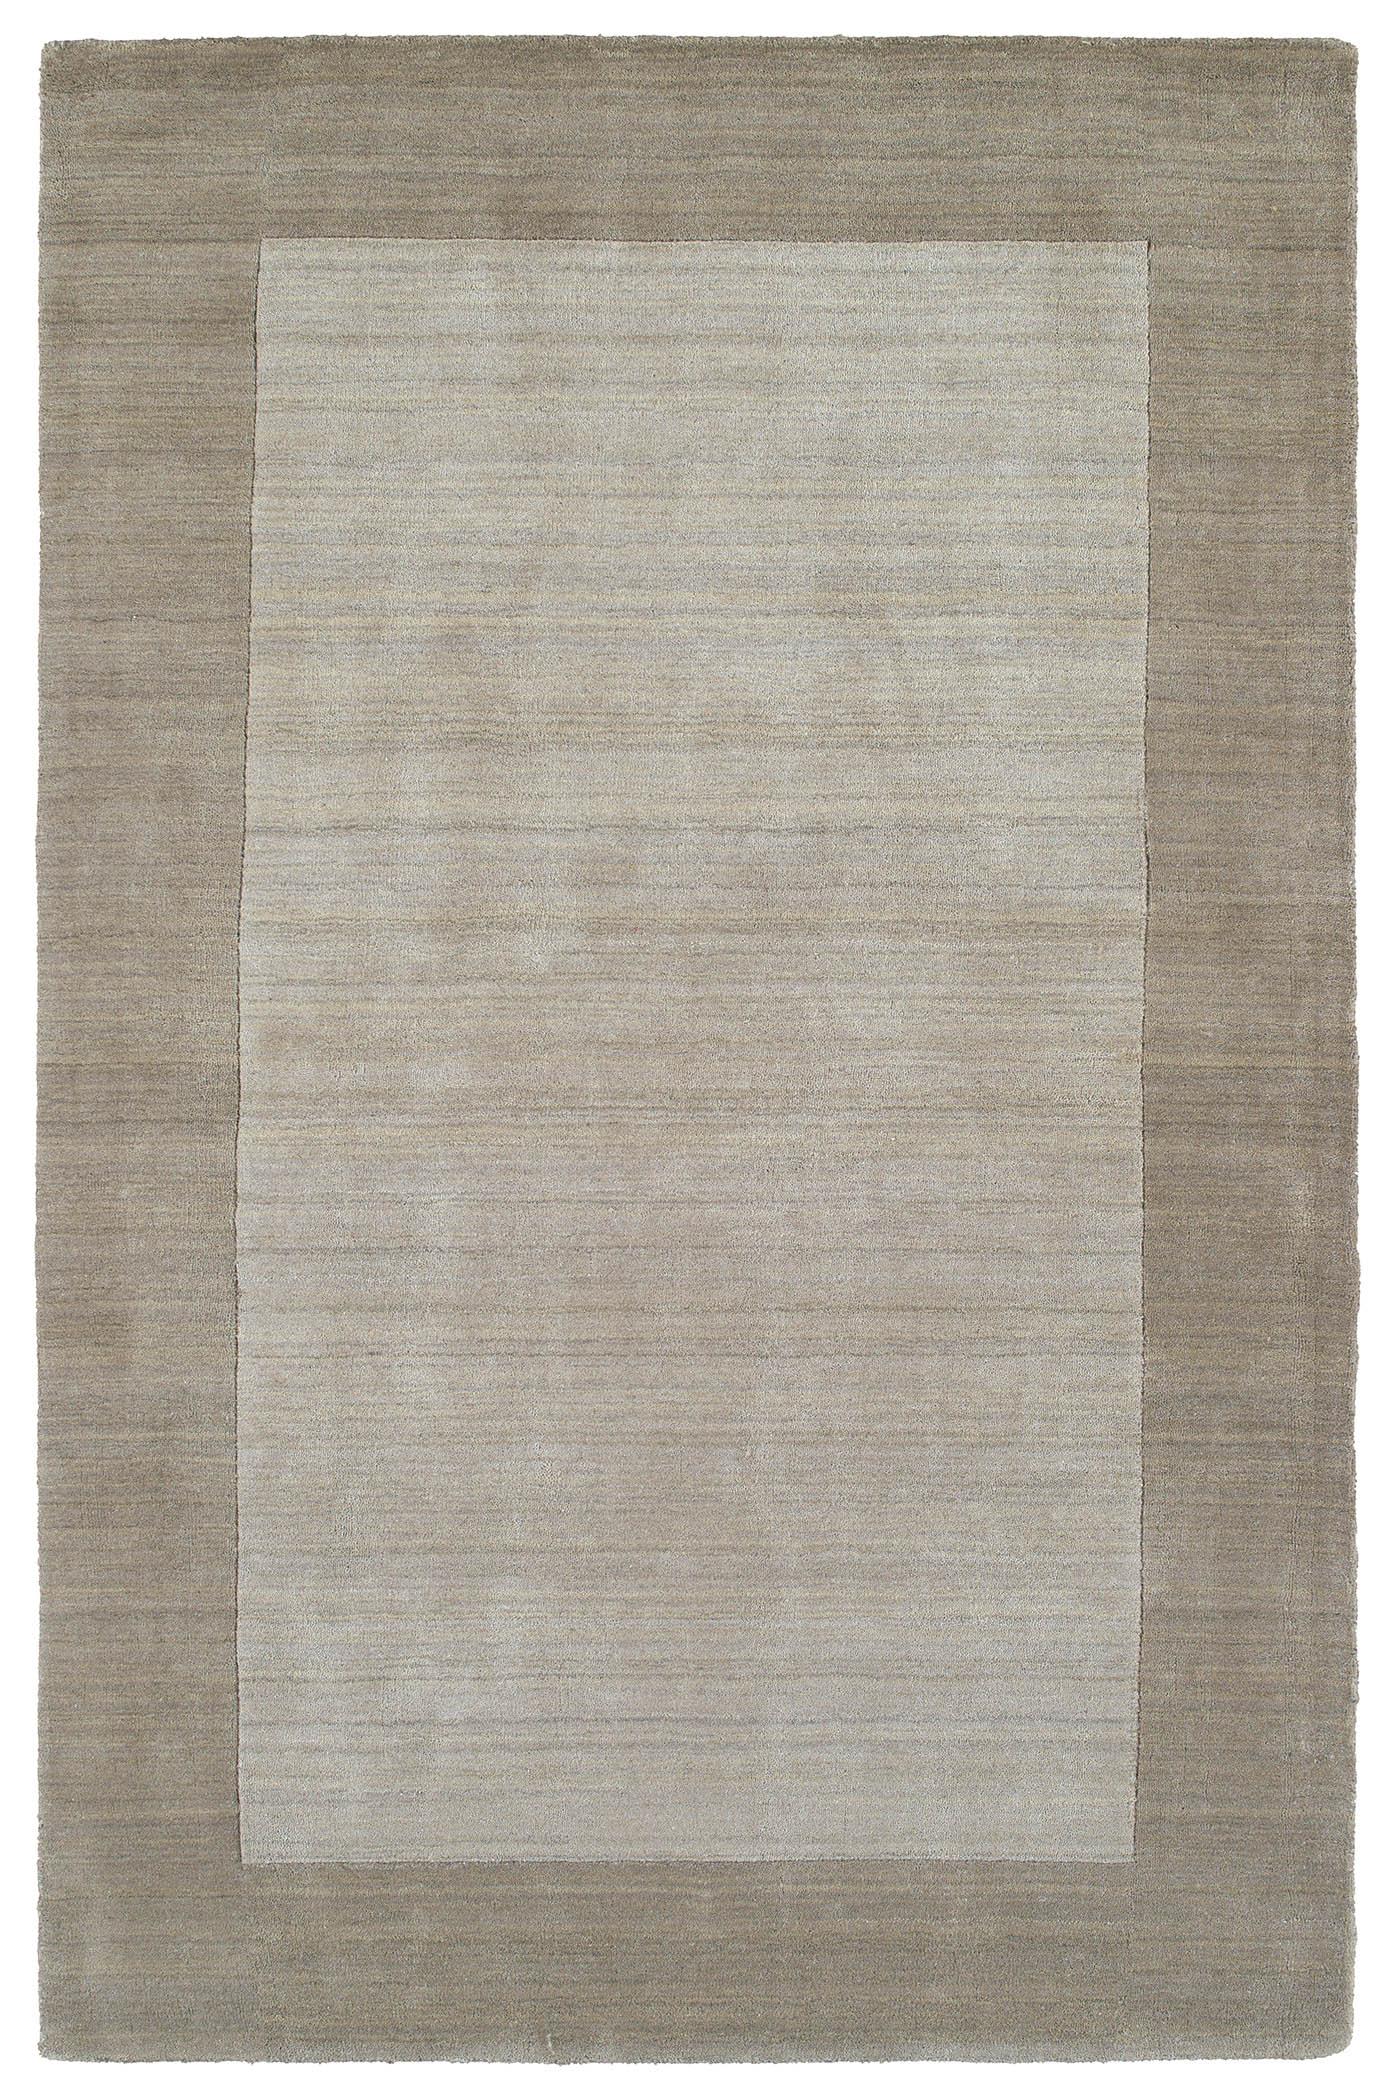 regency regency ivory 01 rug by kaleen